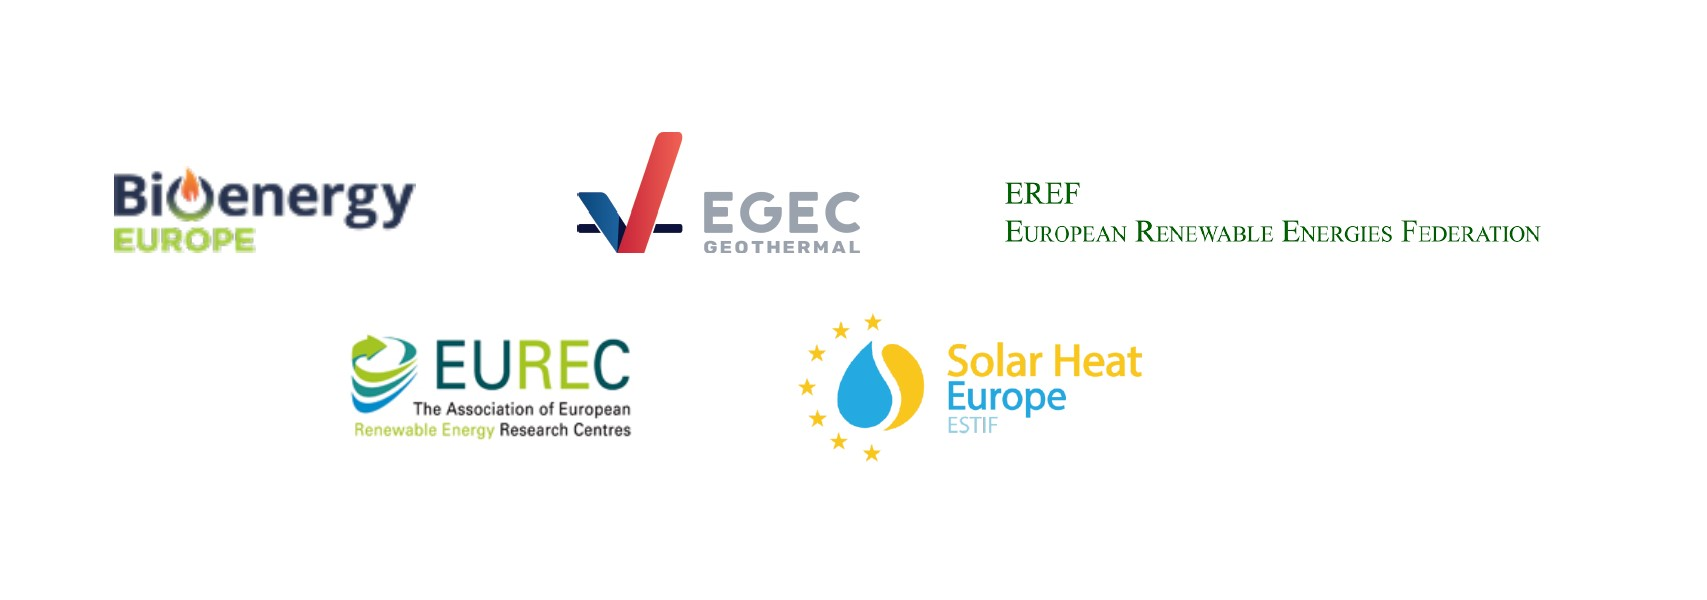 egec joint letter